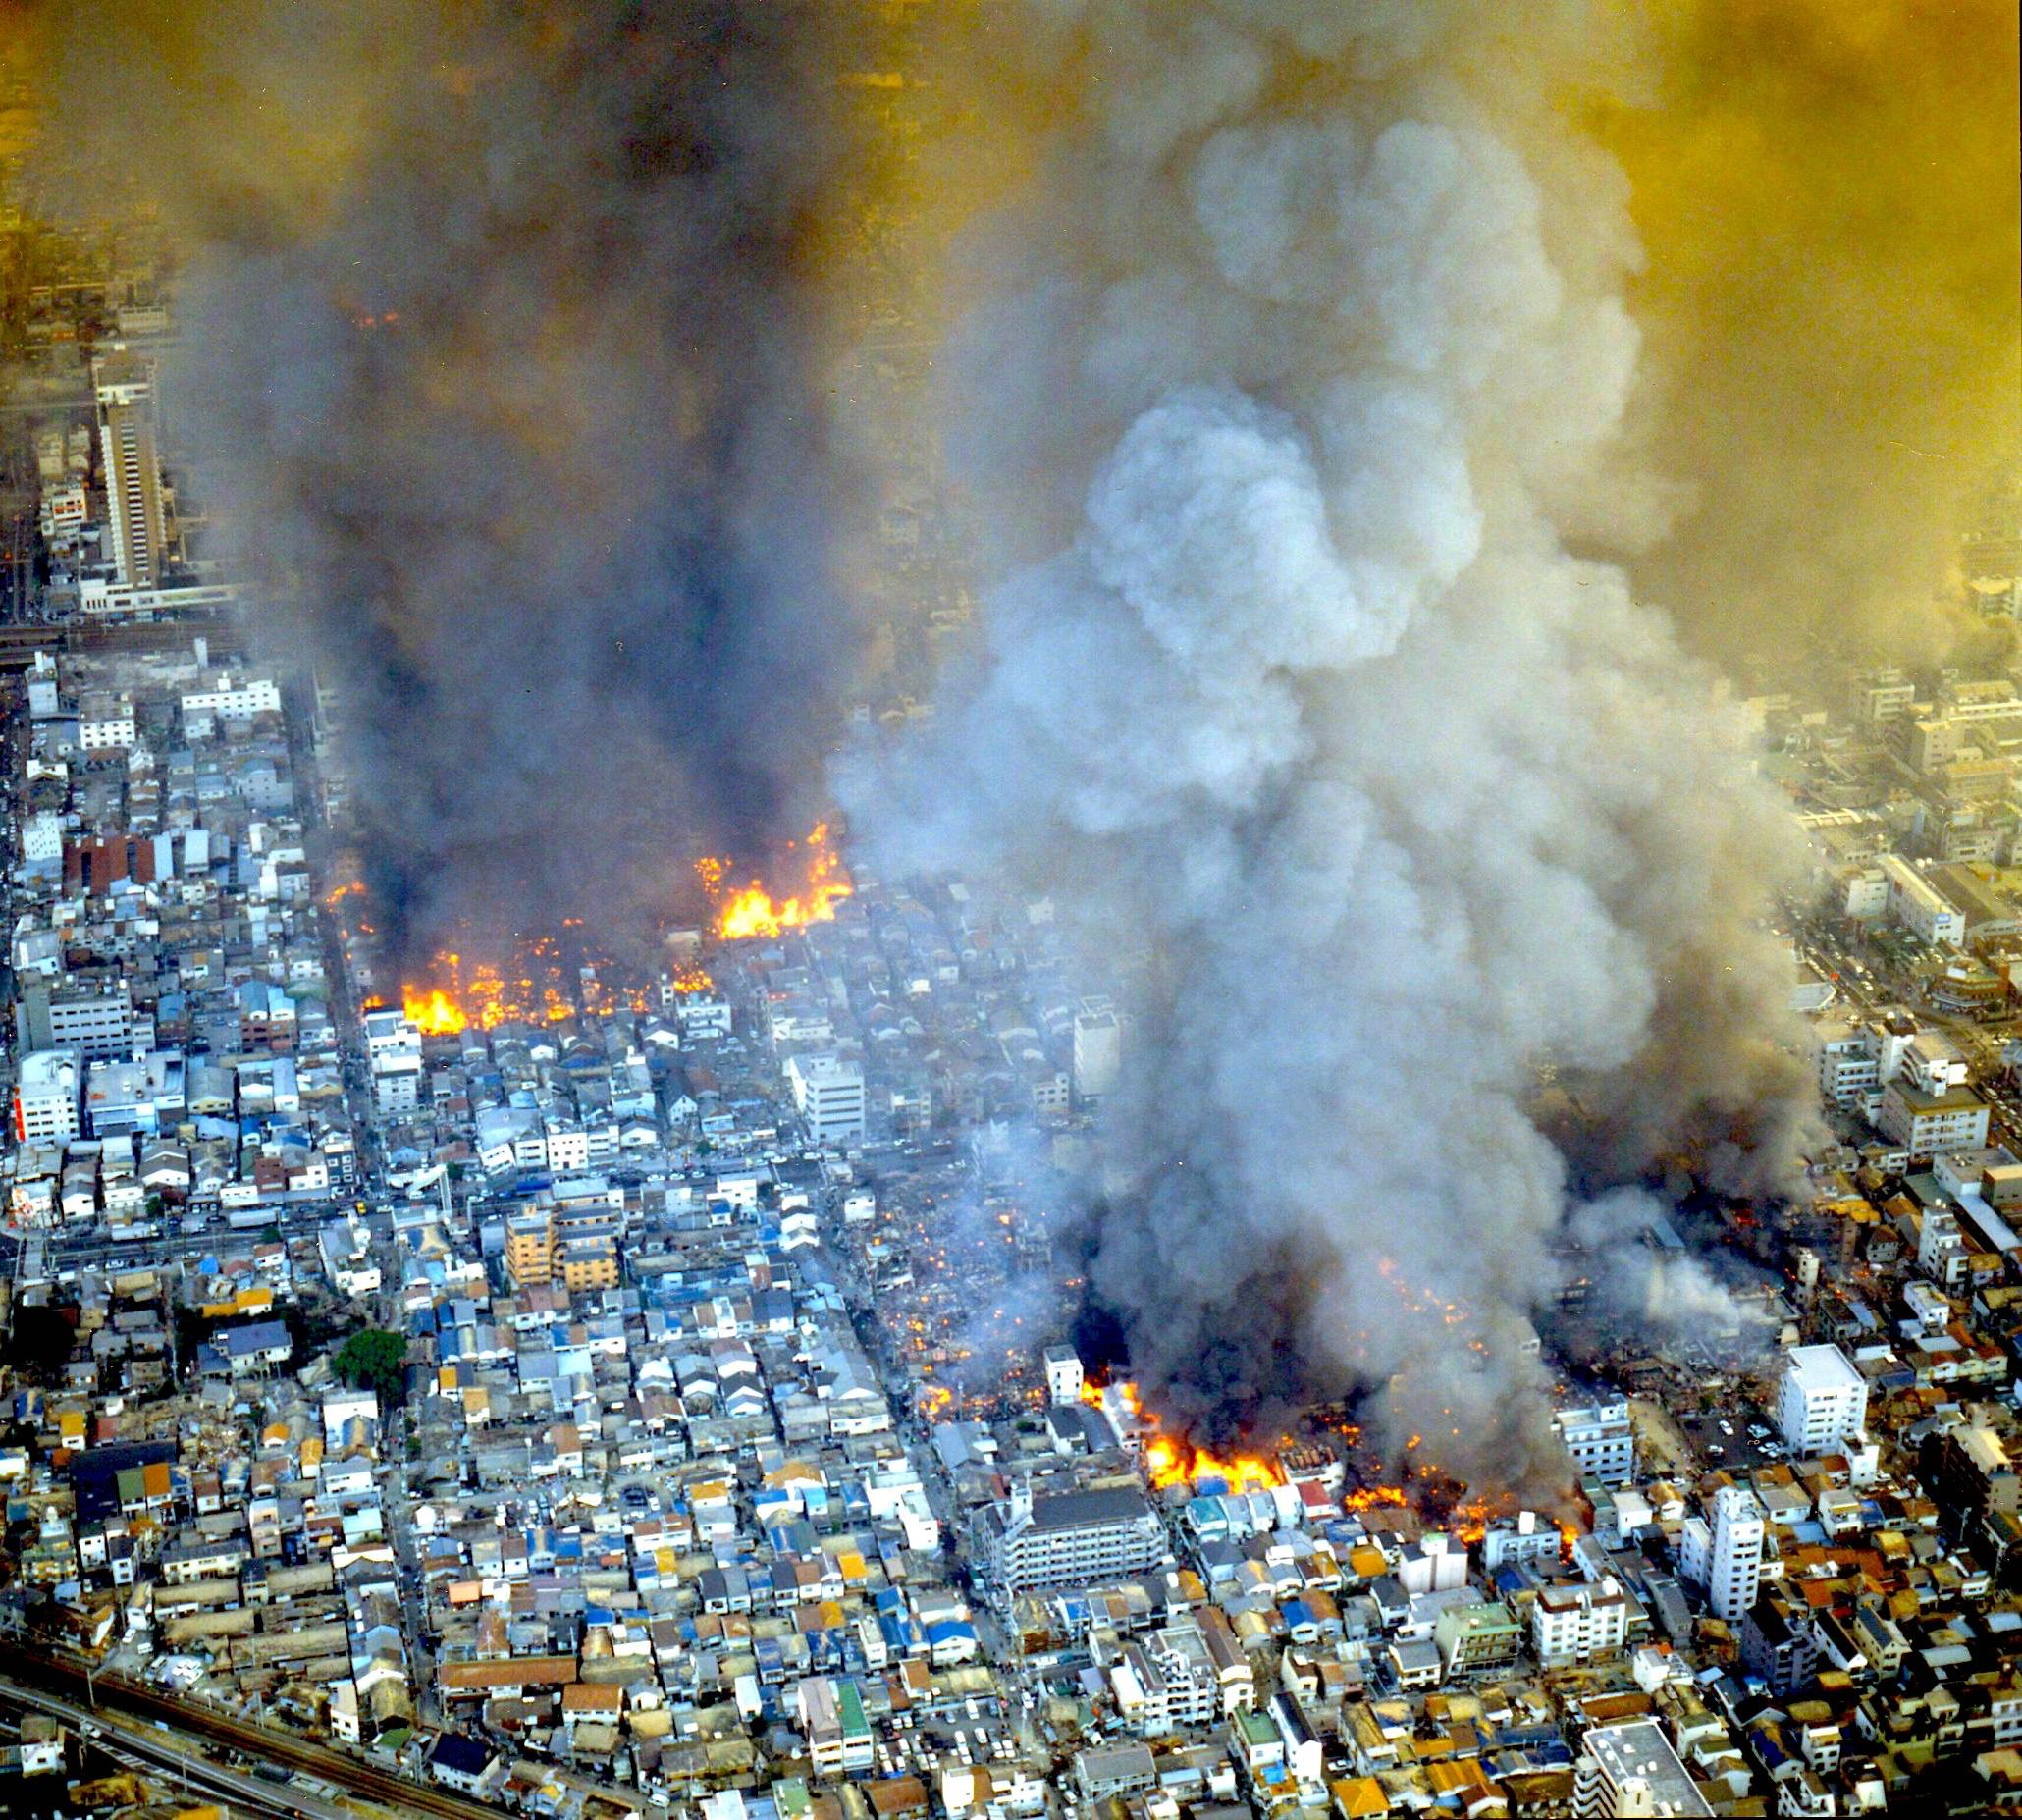 阪神・淡路大震災から25年、大都市直下地震で人はどのように亡くなるのか【阪神・淡路大震災25年目の真実❶】